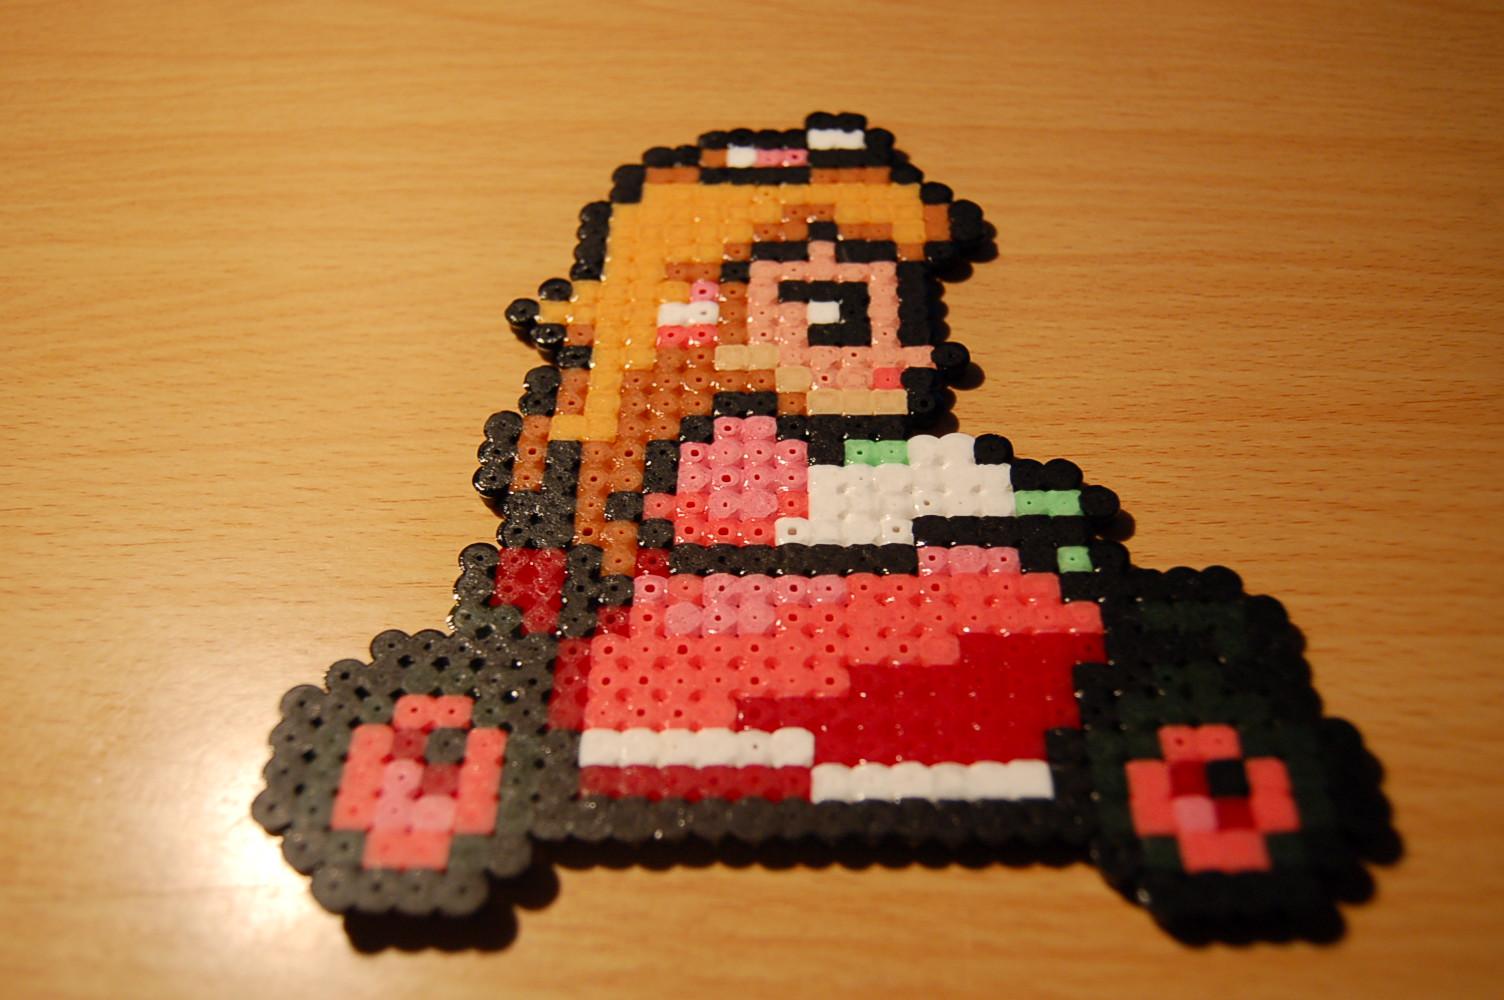 Peach - Mario Kart